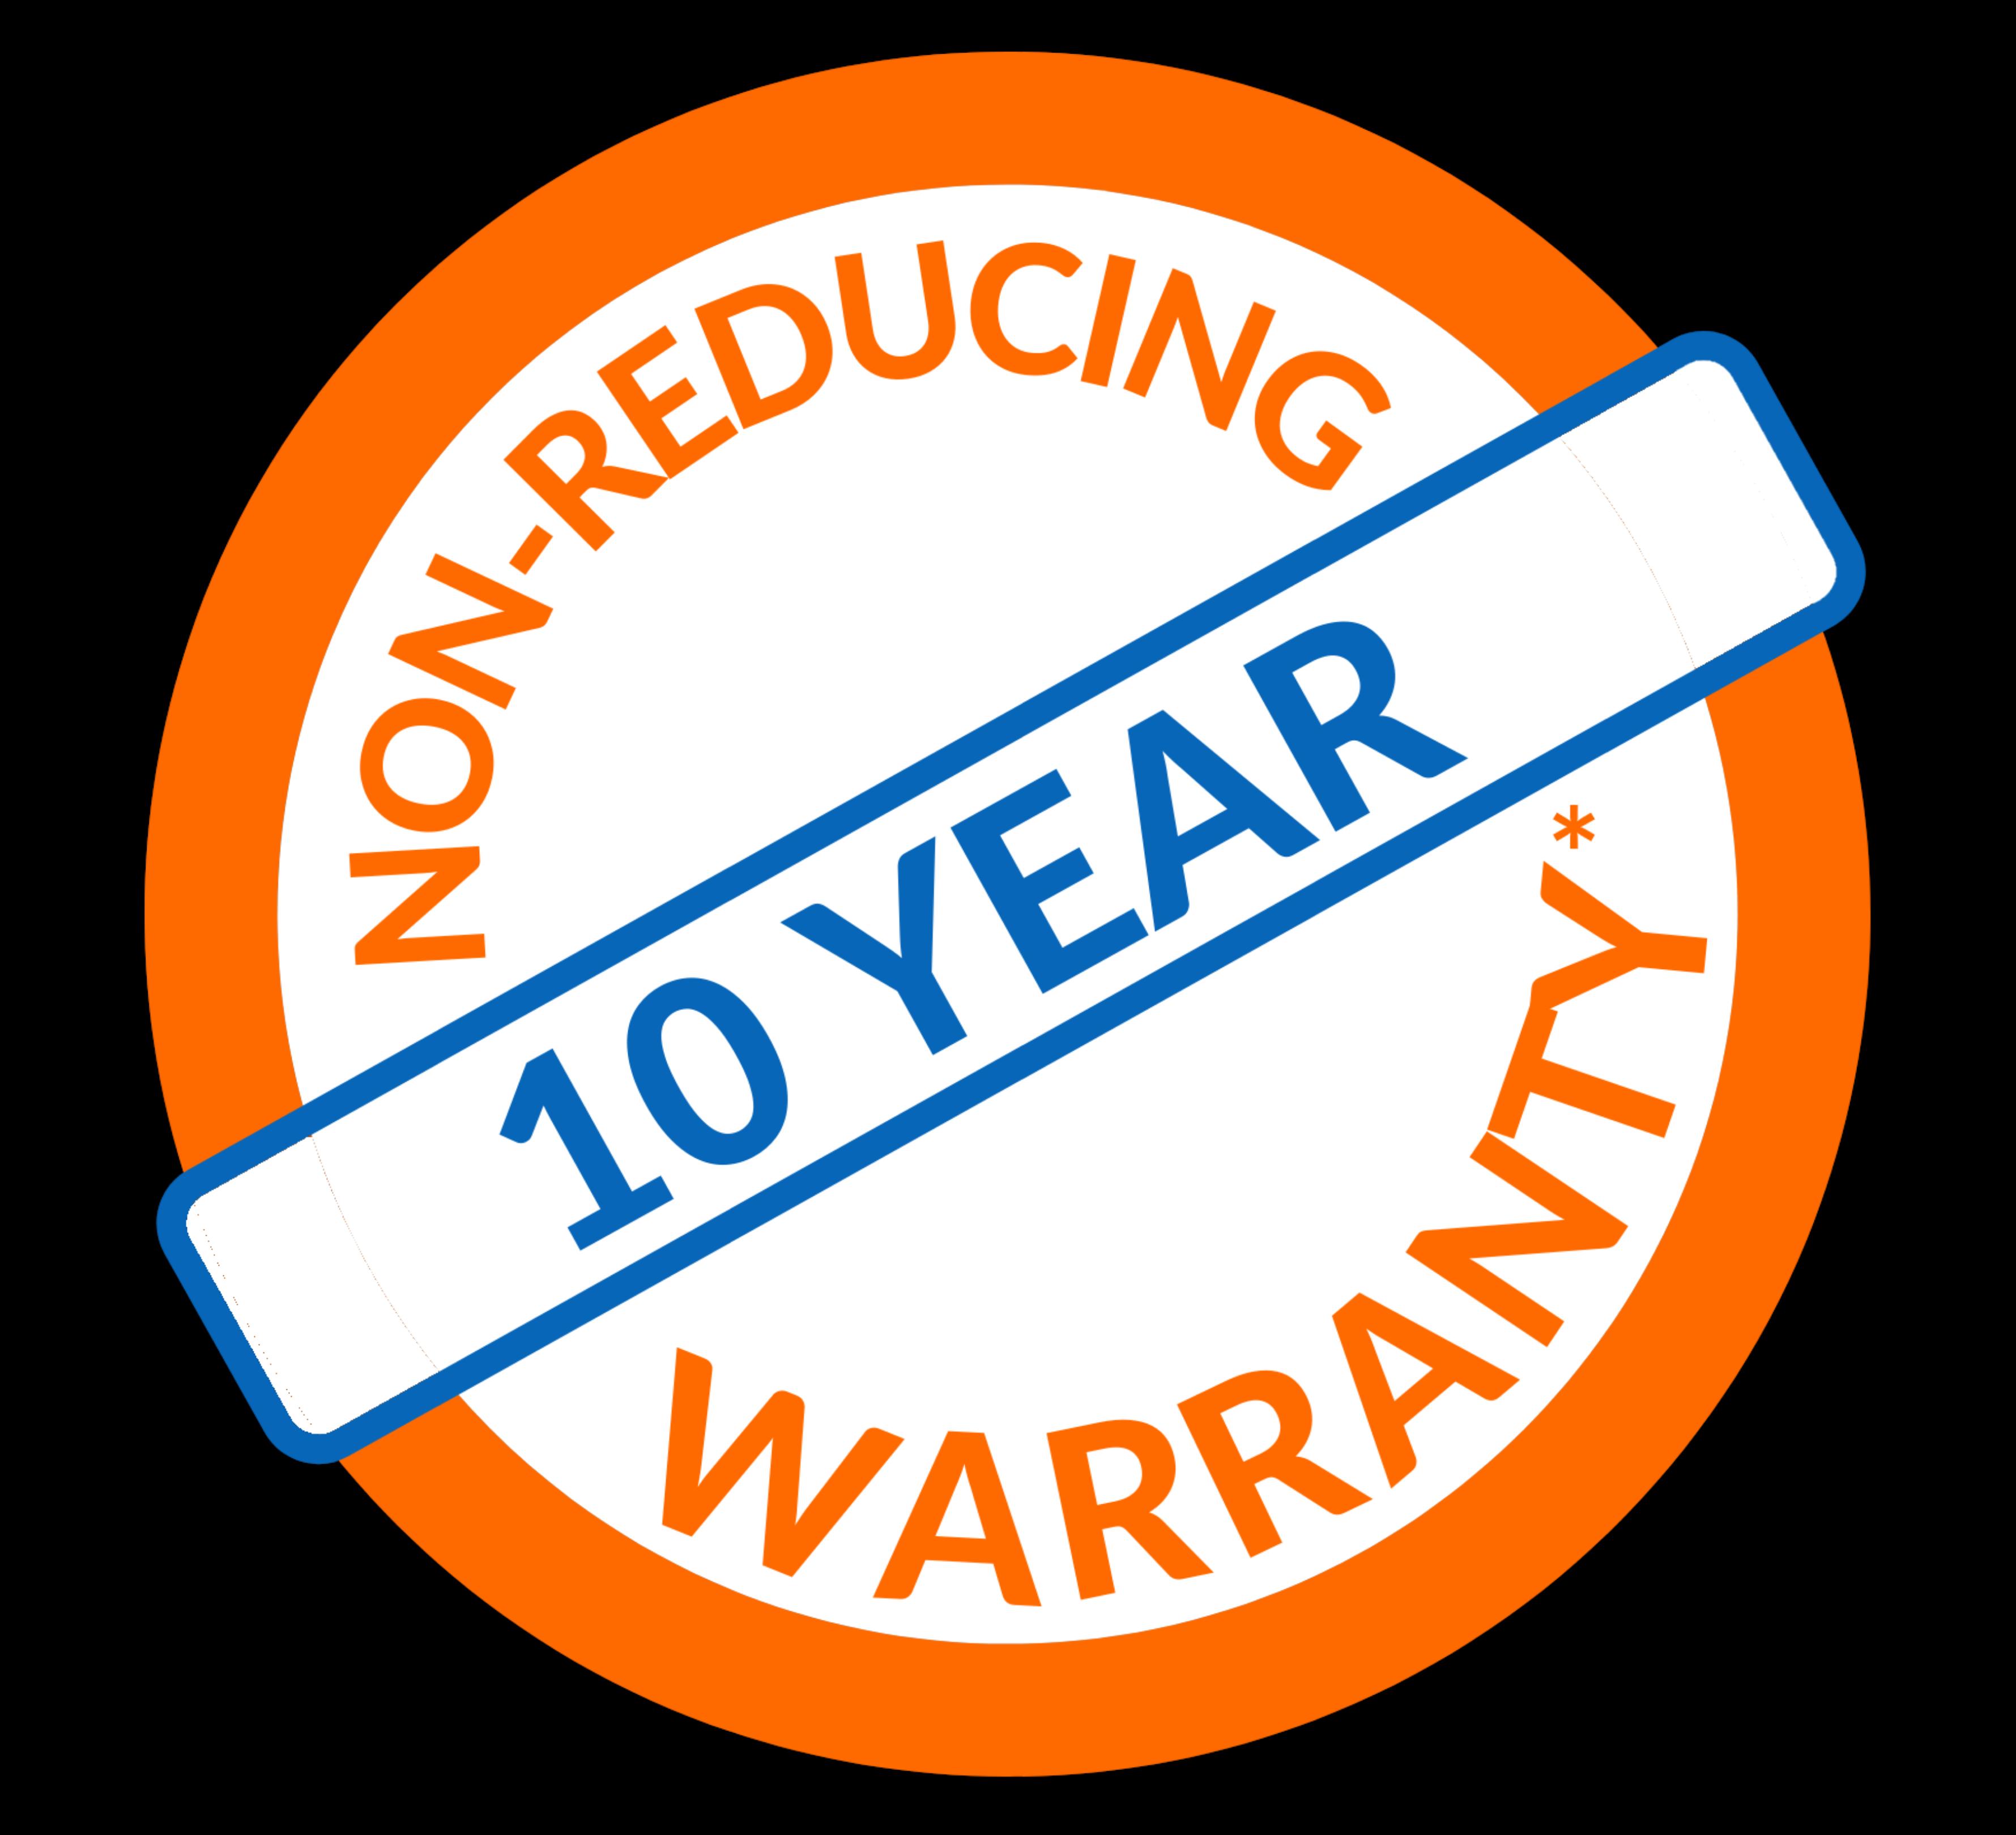 Non Reducing Warranty